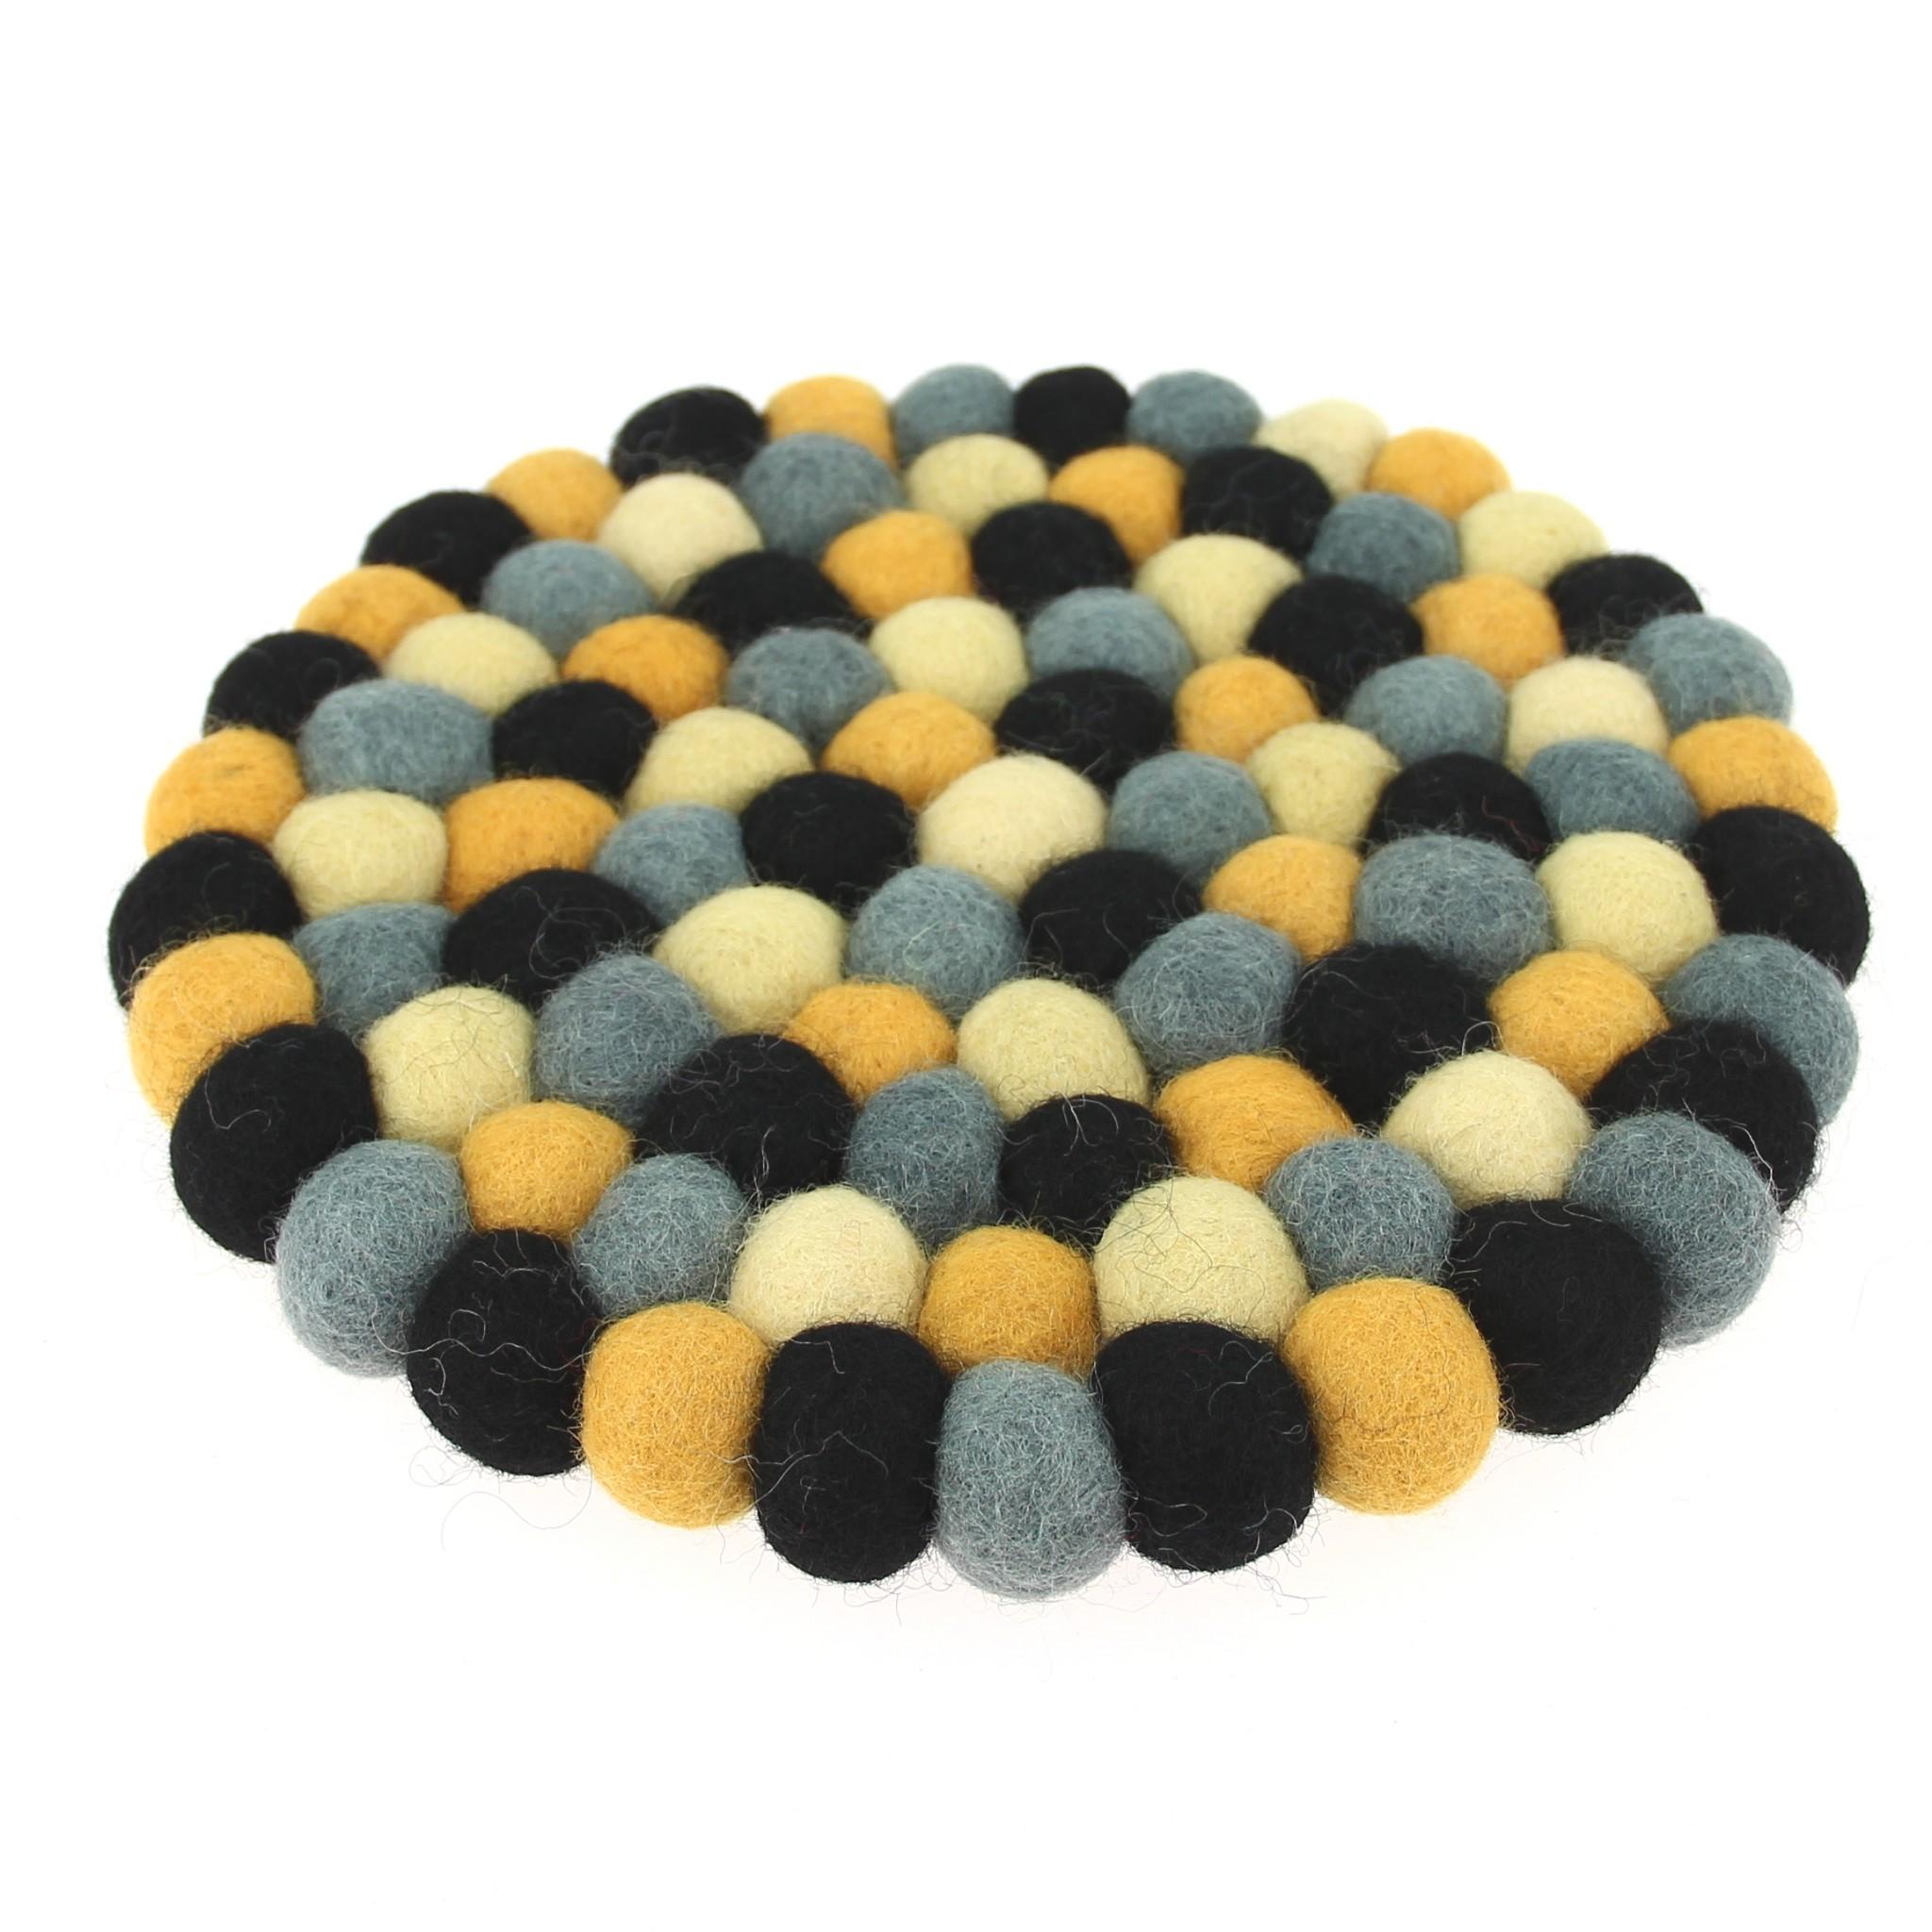 dessous d coratif calcaire gris noir jaune bopompon. Black Bedroom Furniture Sets. Home Design Ideas